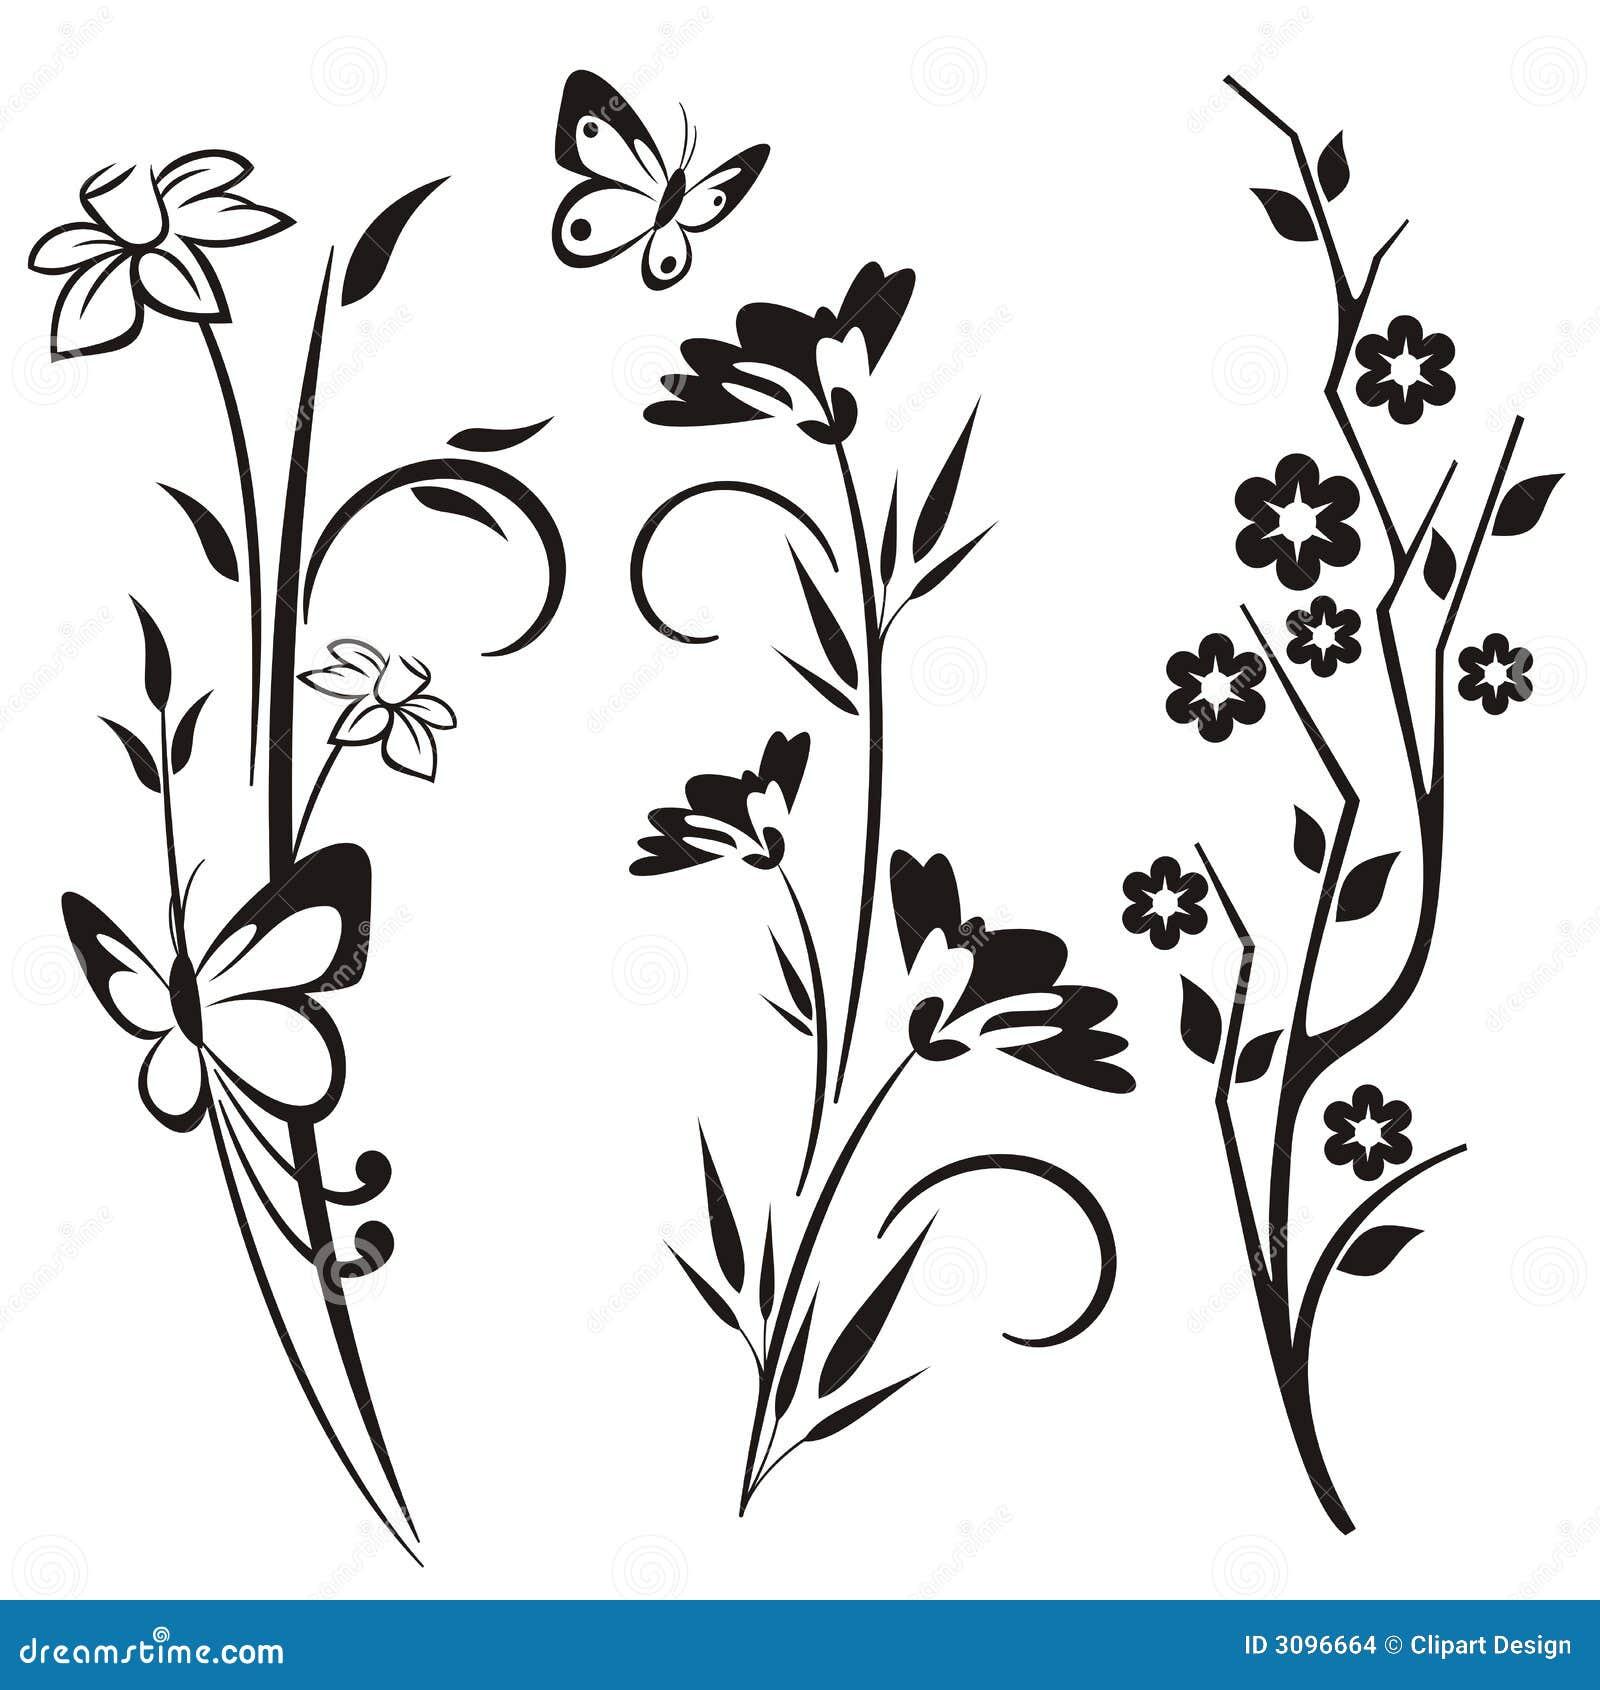 Трафарет цветов для стен своими руками распечатать